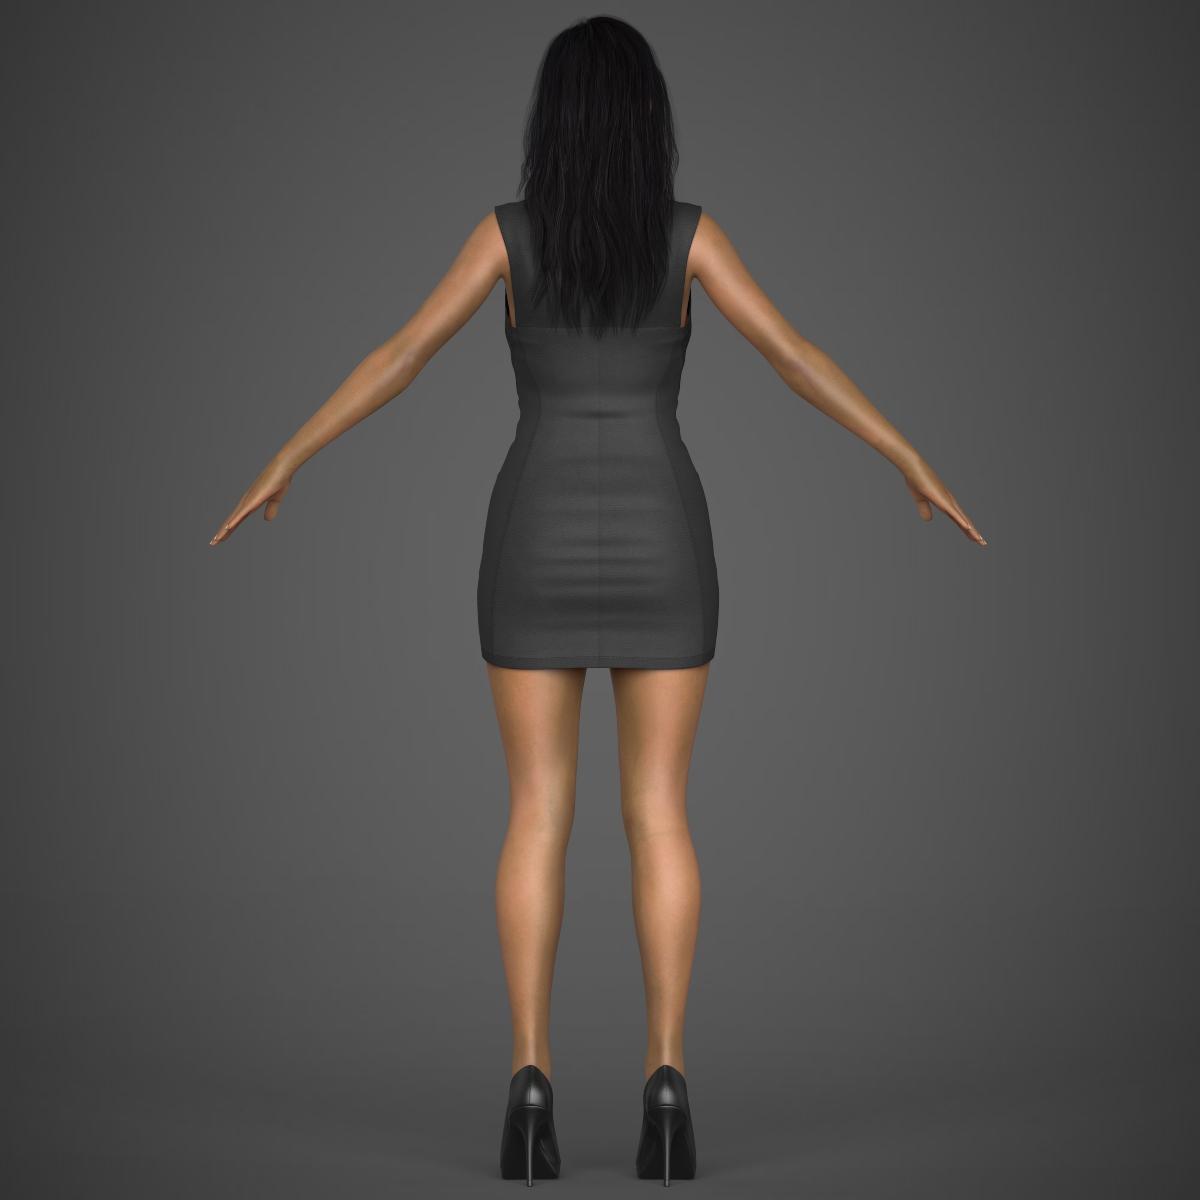 young sexy woman 3d model max fbx c4d ma mb texture obj 221221